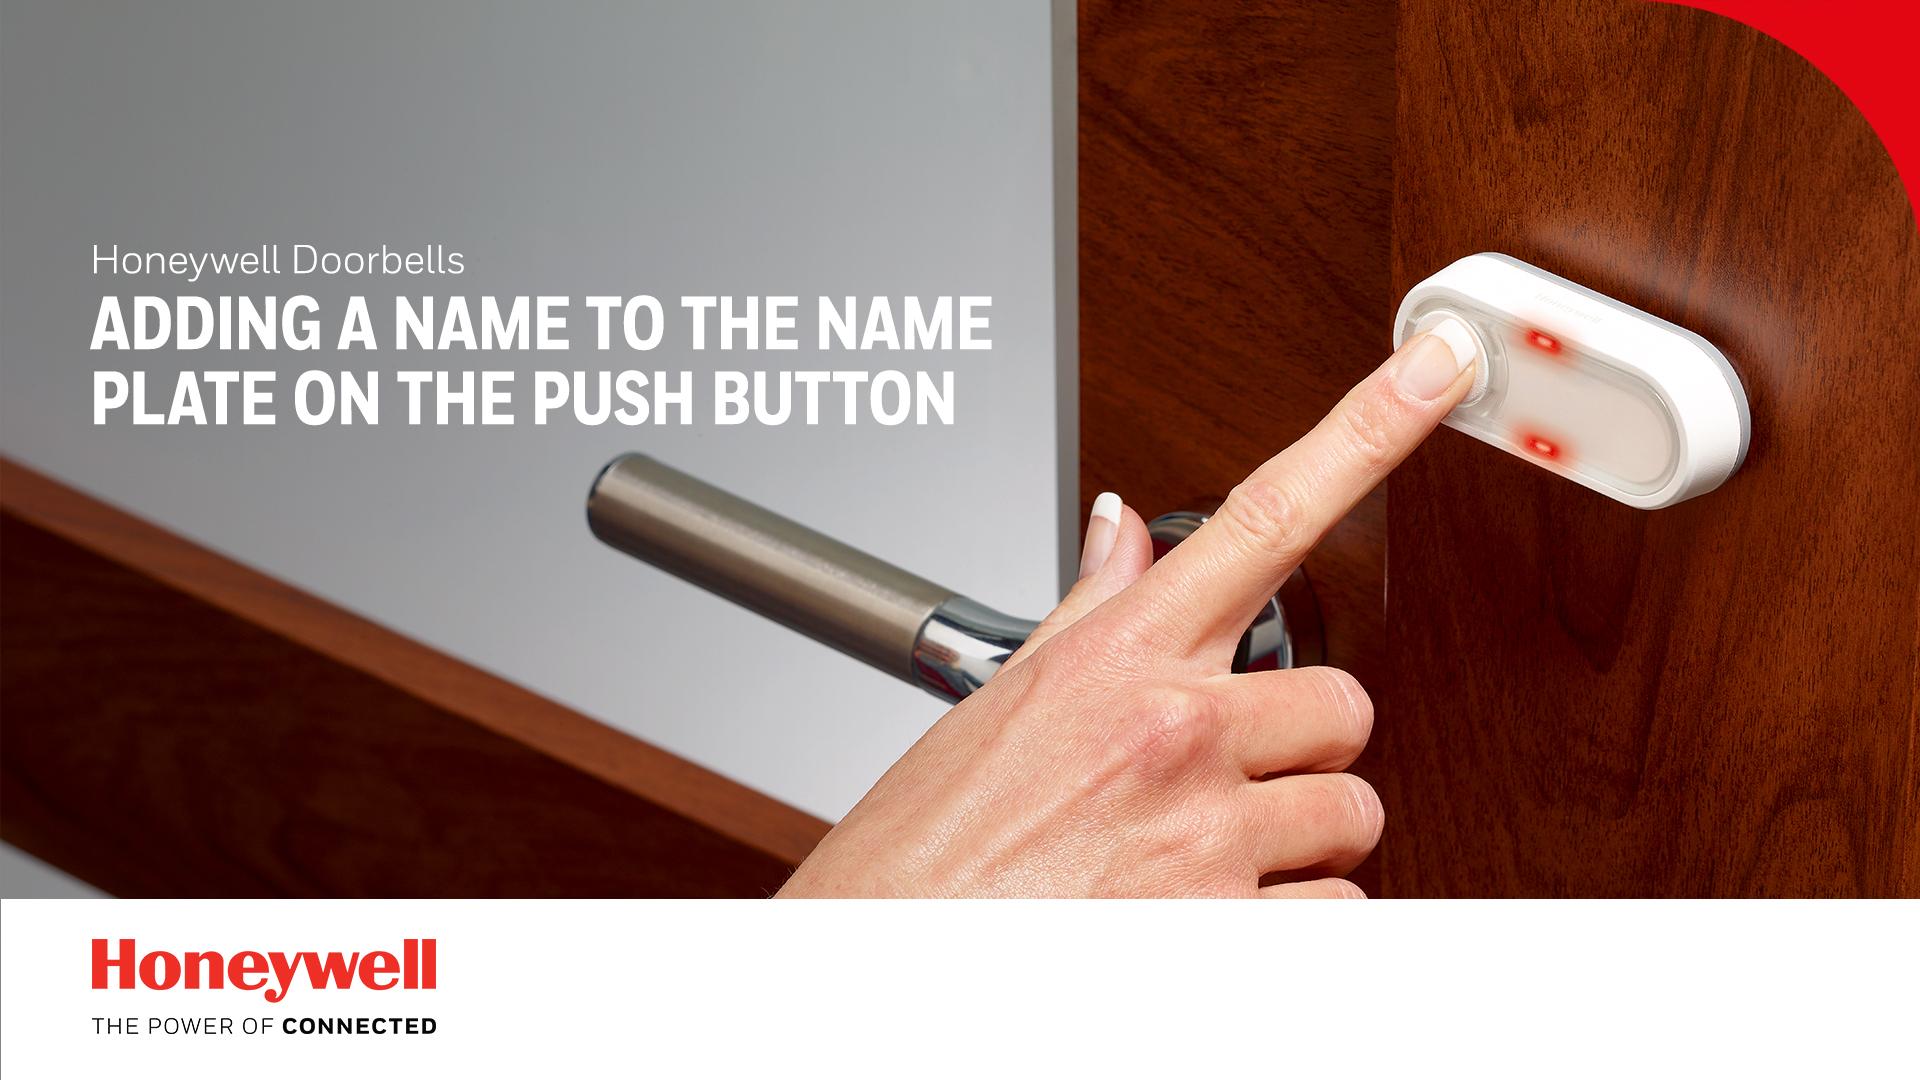 Ajout d'un nom sur la plaque du bouton poussoir